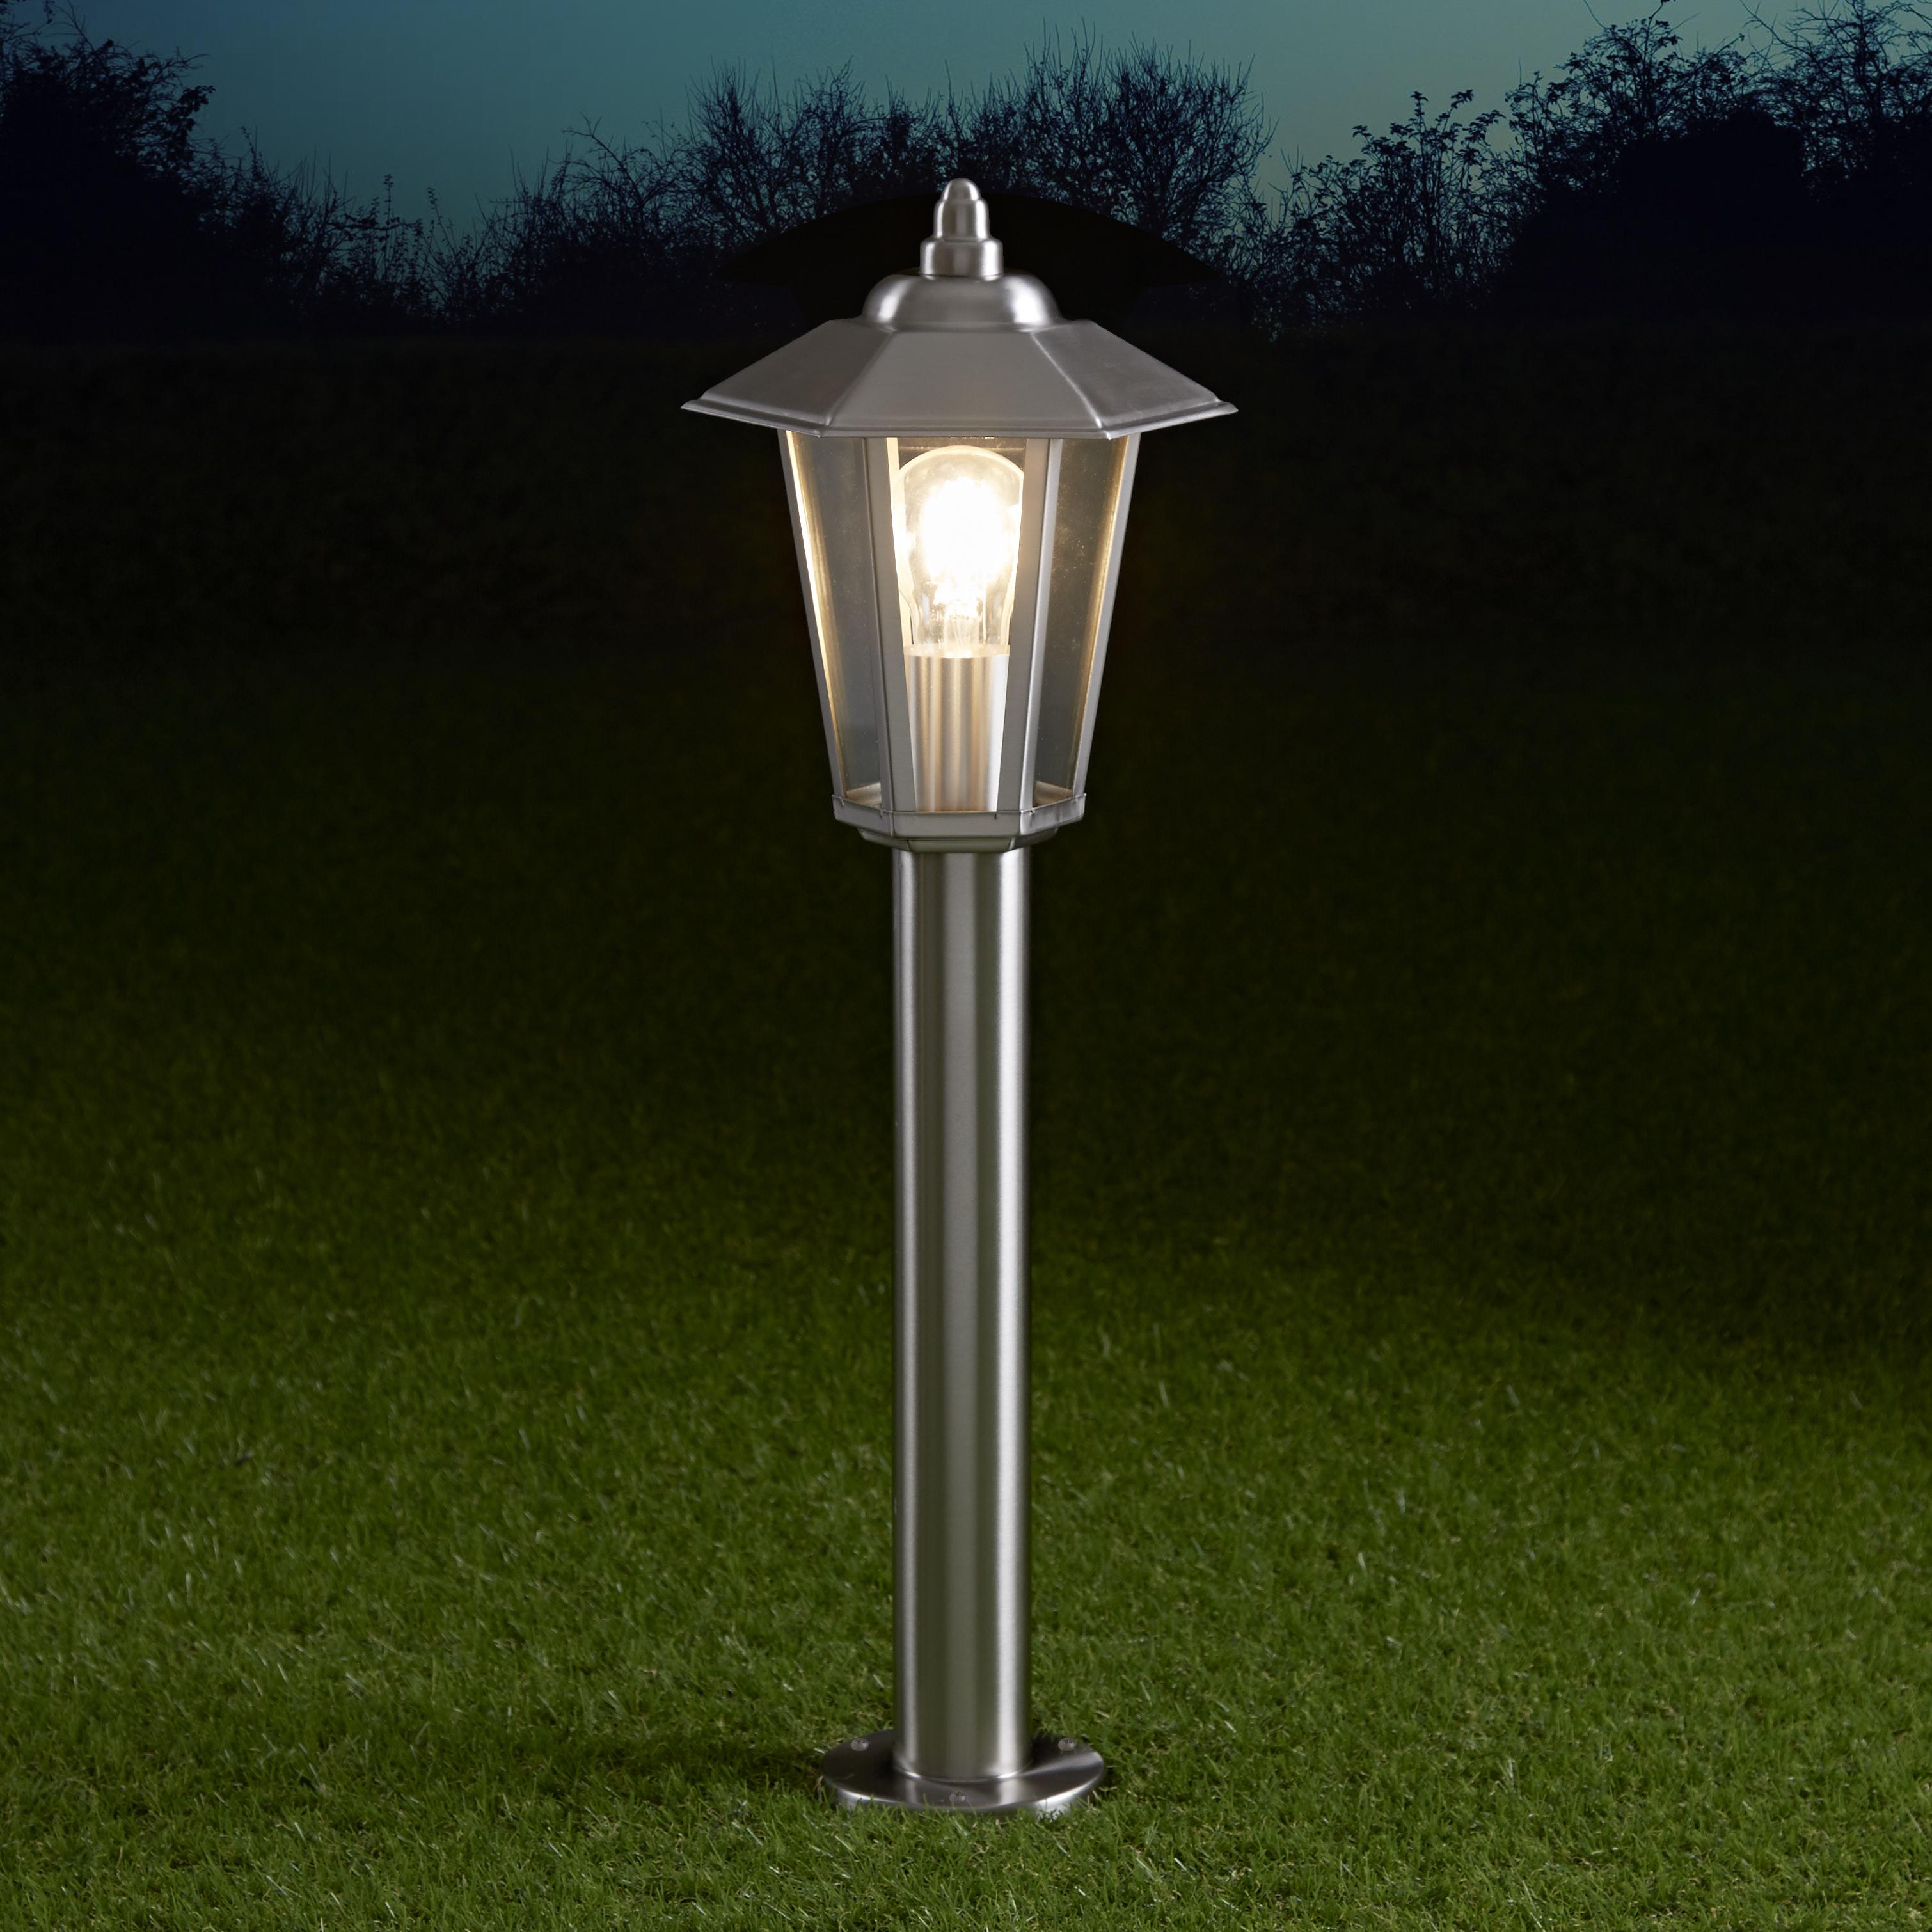 Biard Paletto LED da Esterno 4W Stile Faretto in Acciaio Inox 600mm con Lampadina E27 - Cannes